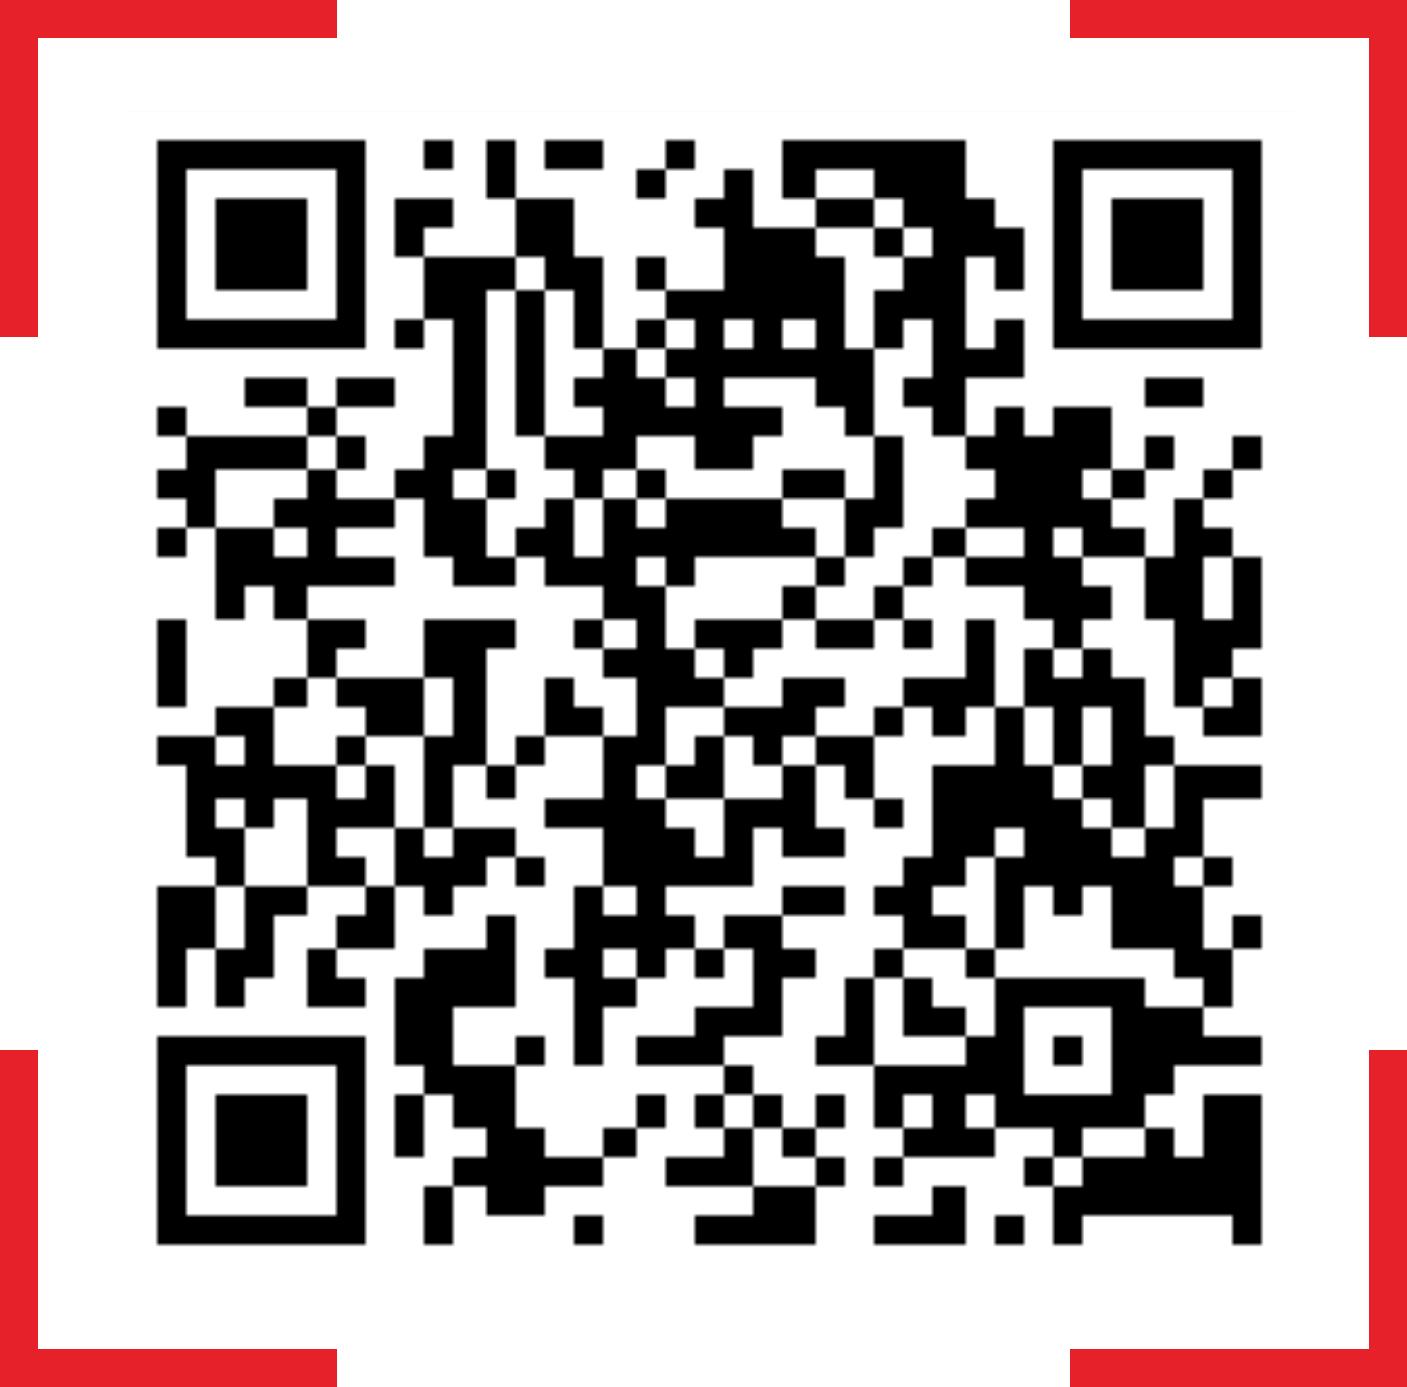 dev01_twocode